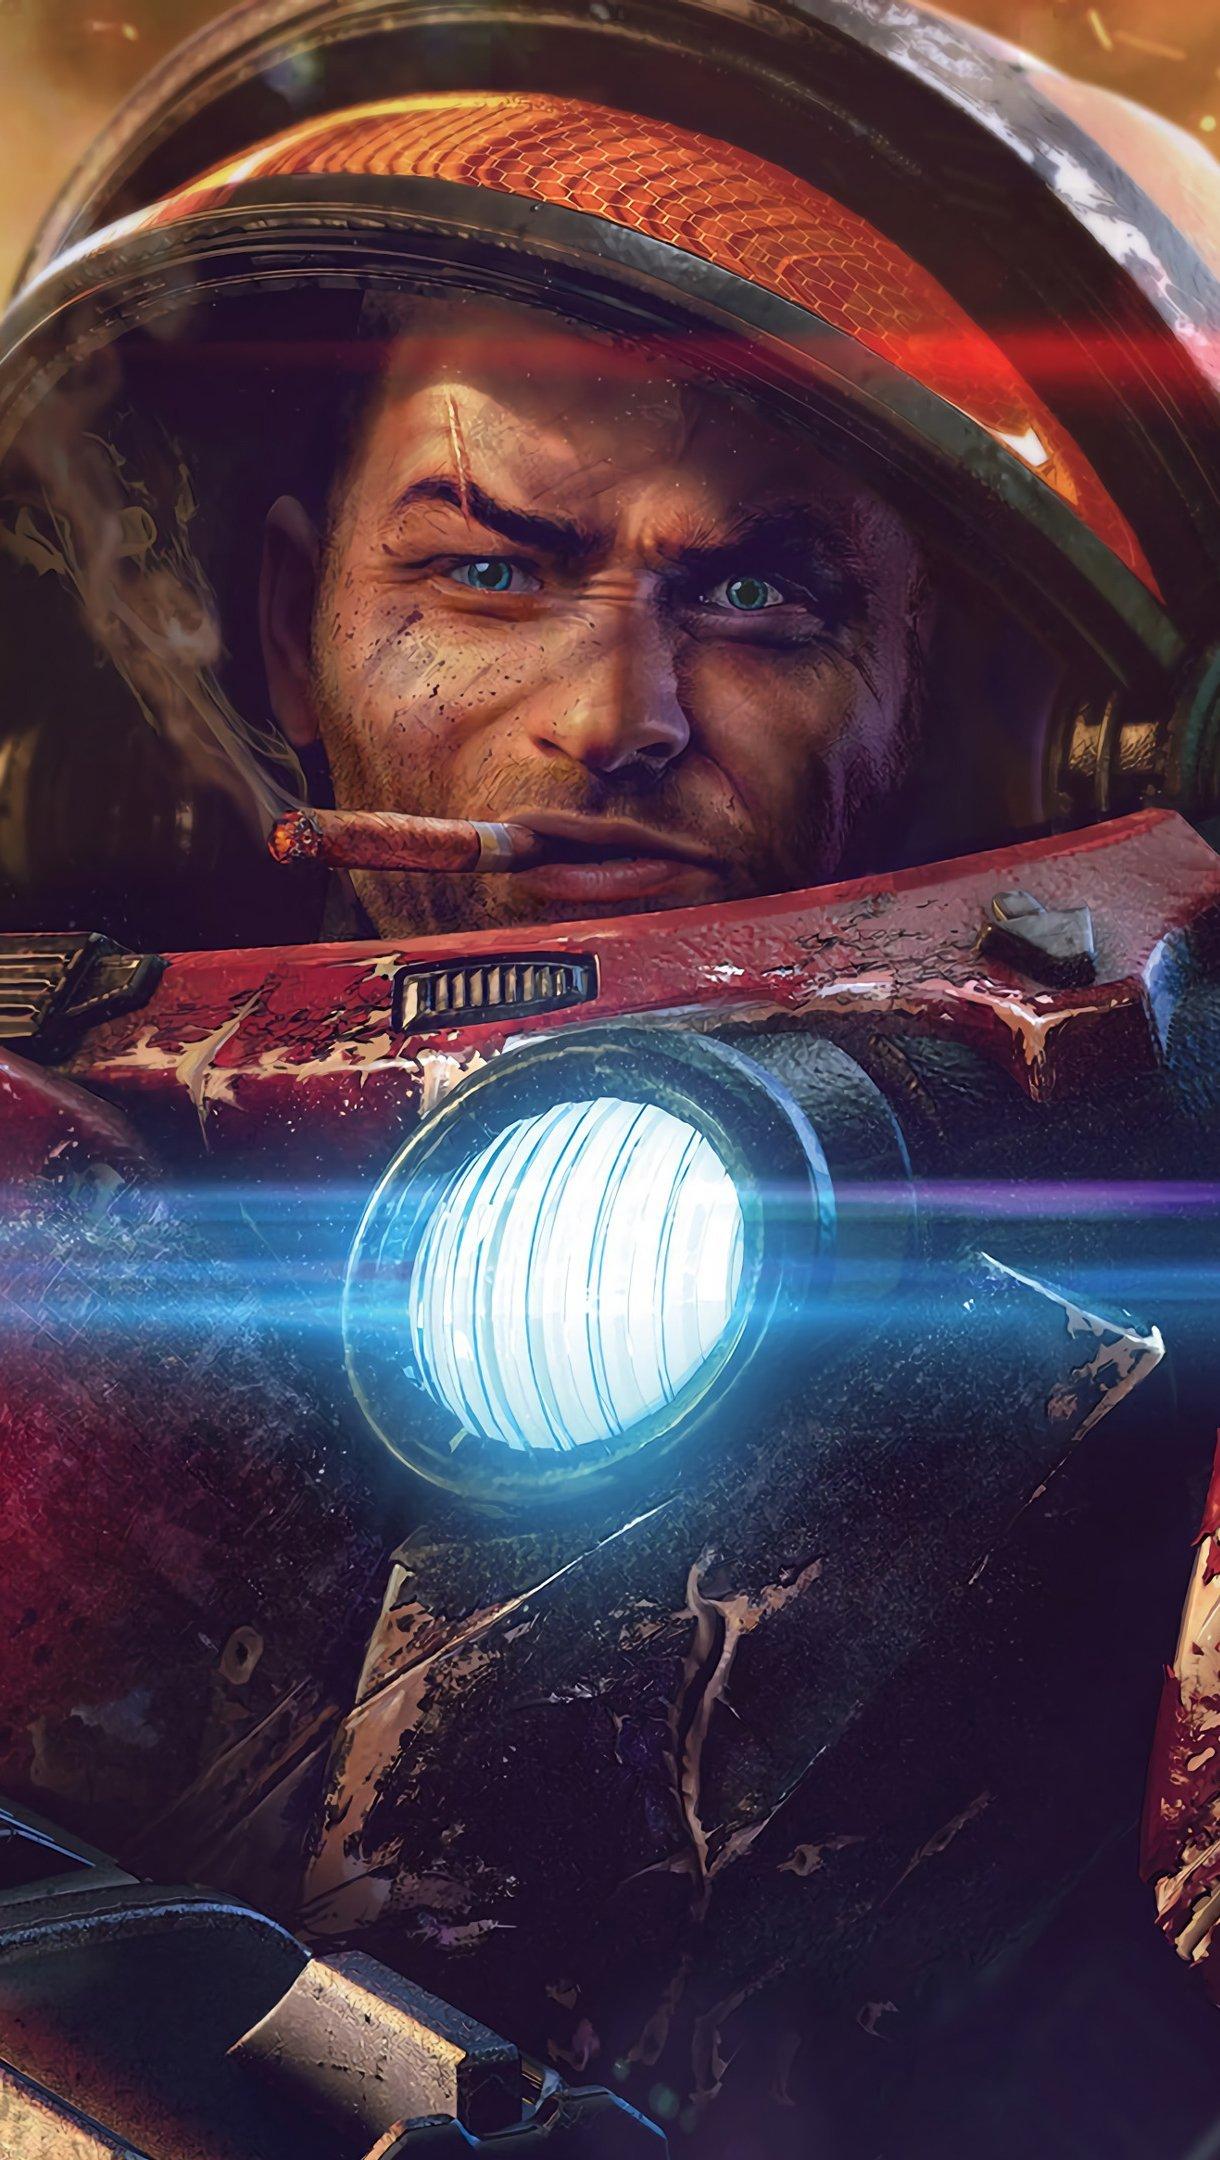 Fondos de pantalla Starcraft Terran Soldado ciencia ficción Vertical